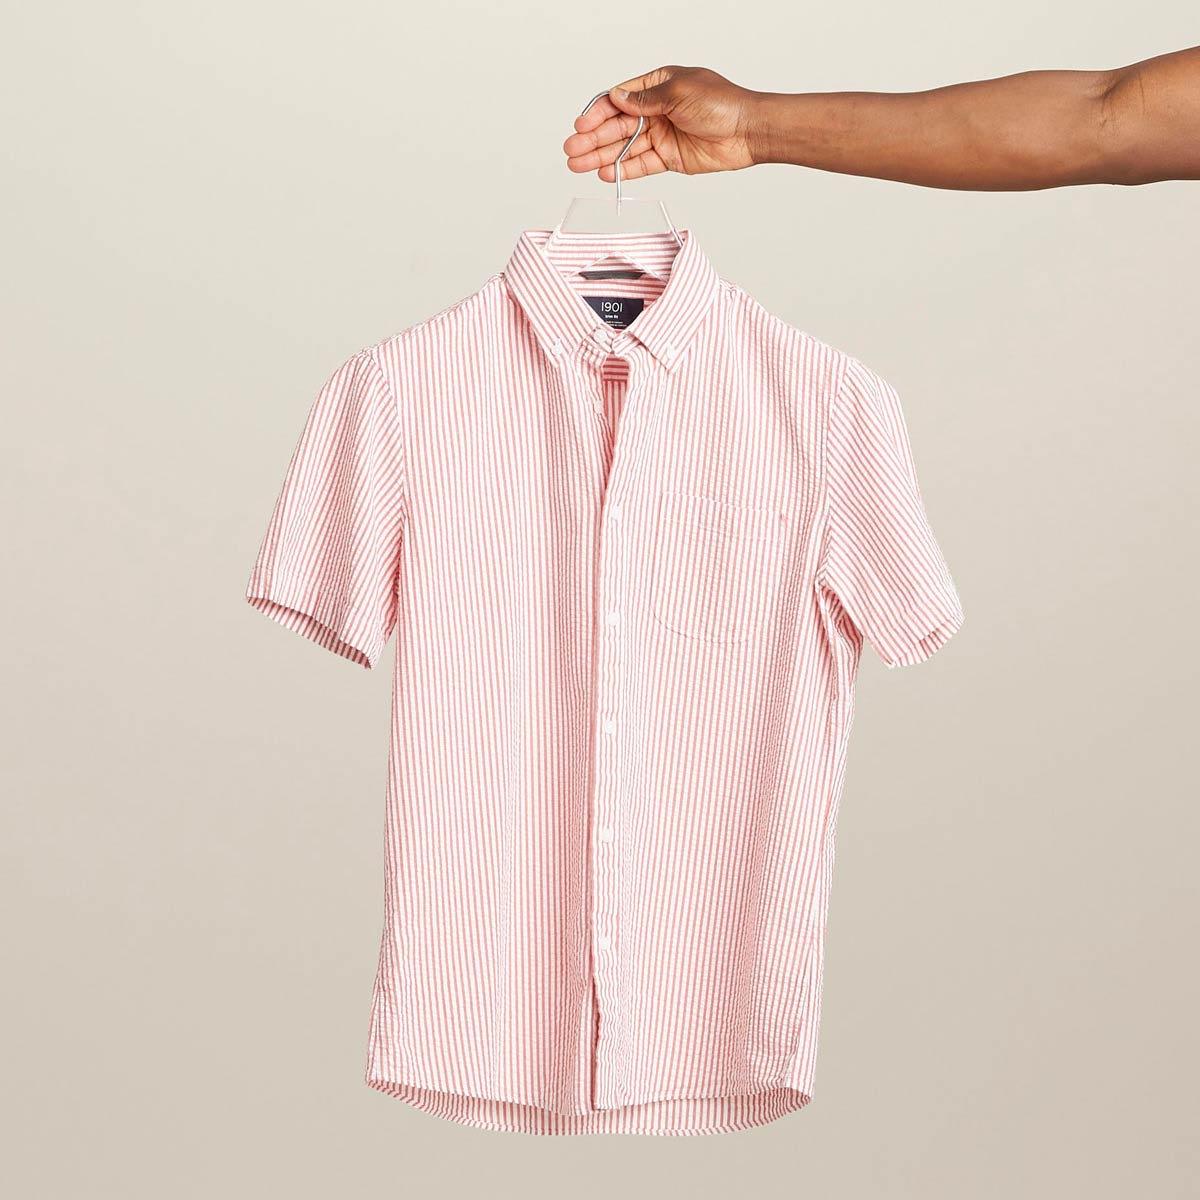 Seersucker shirt for men